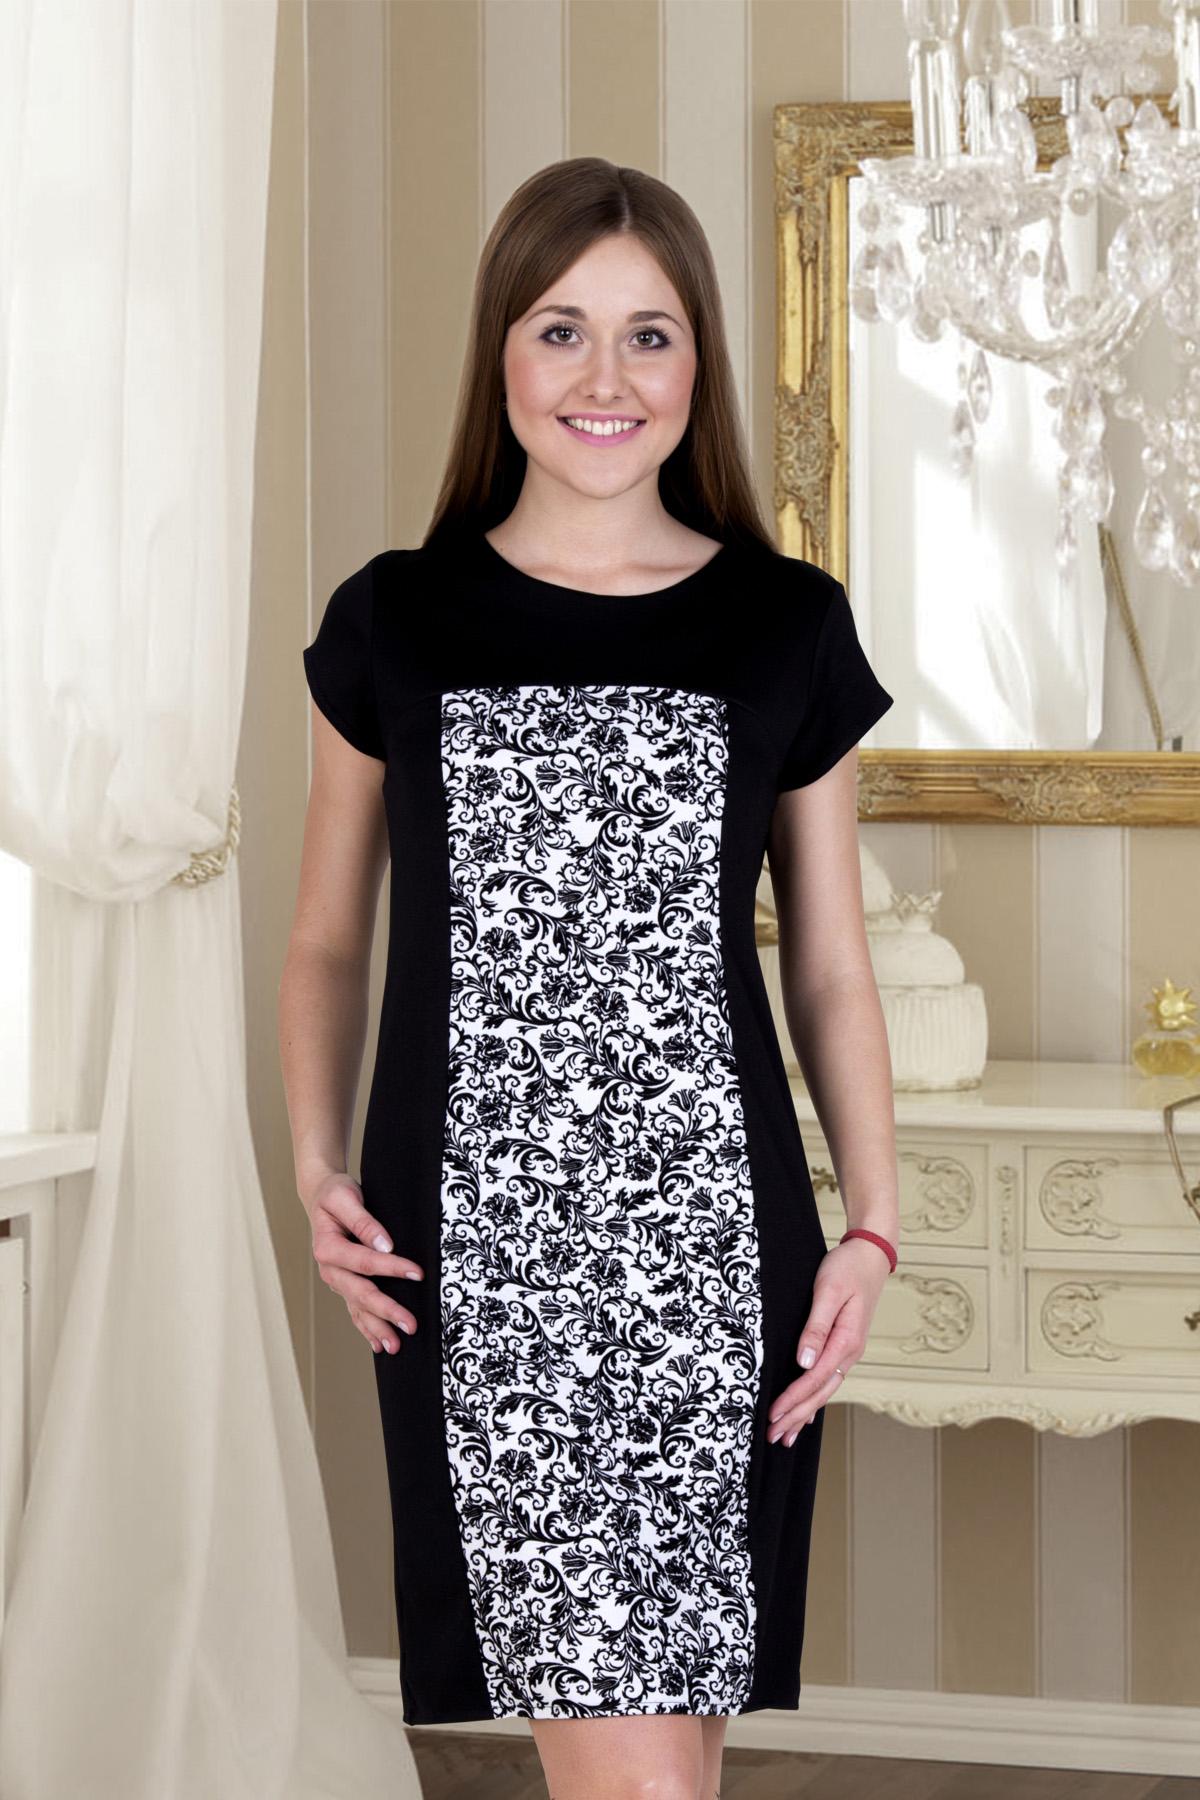 Жен. платье Нелли р. 44Платья, туники<br>Обхват груди:88 см<br>Обхват талии:68 см<br>Обхват бедер:96 см<br>Длина по спинке:87 см<br>Рост:167 см<br><br>Тип: Жен. платье<br>Размер: 44<br>Материал: Милано